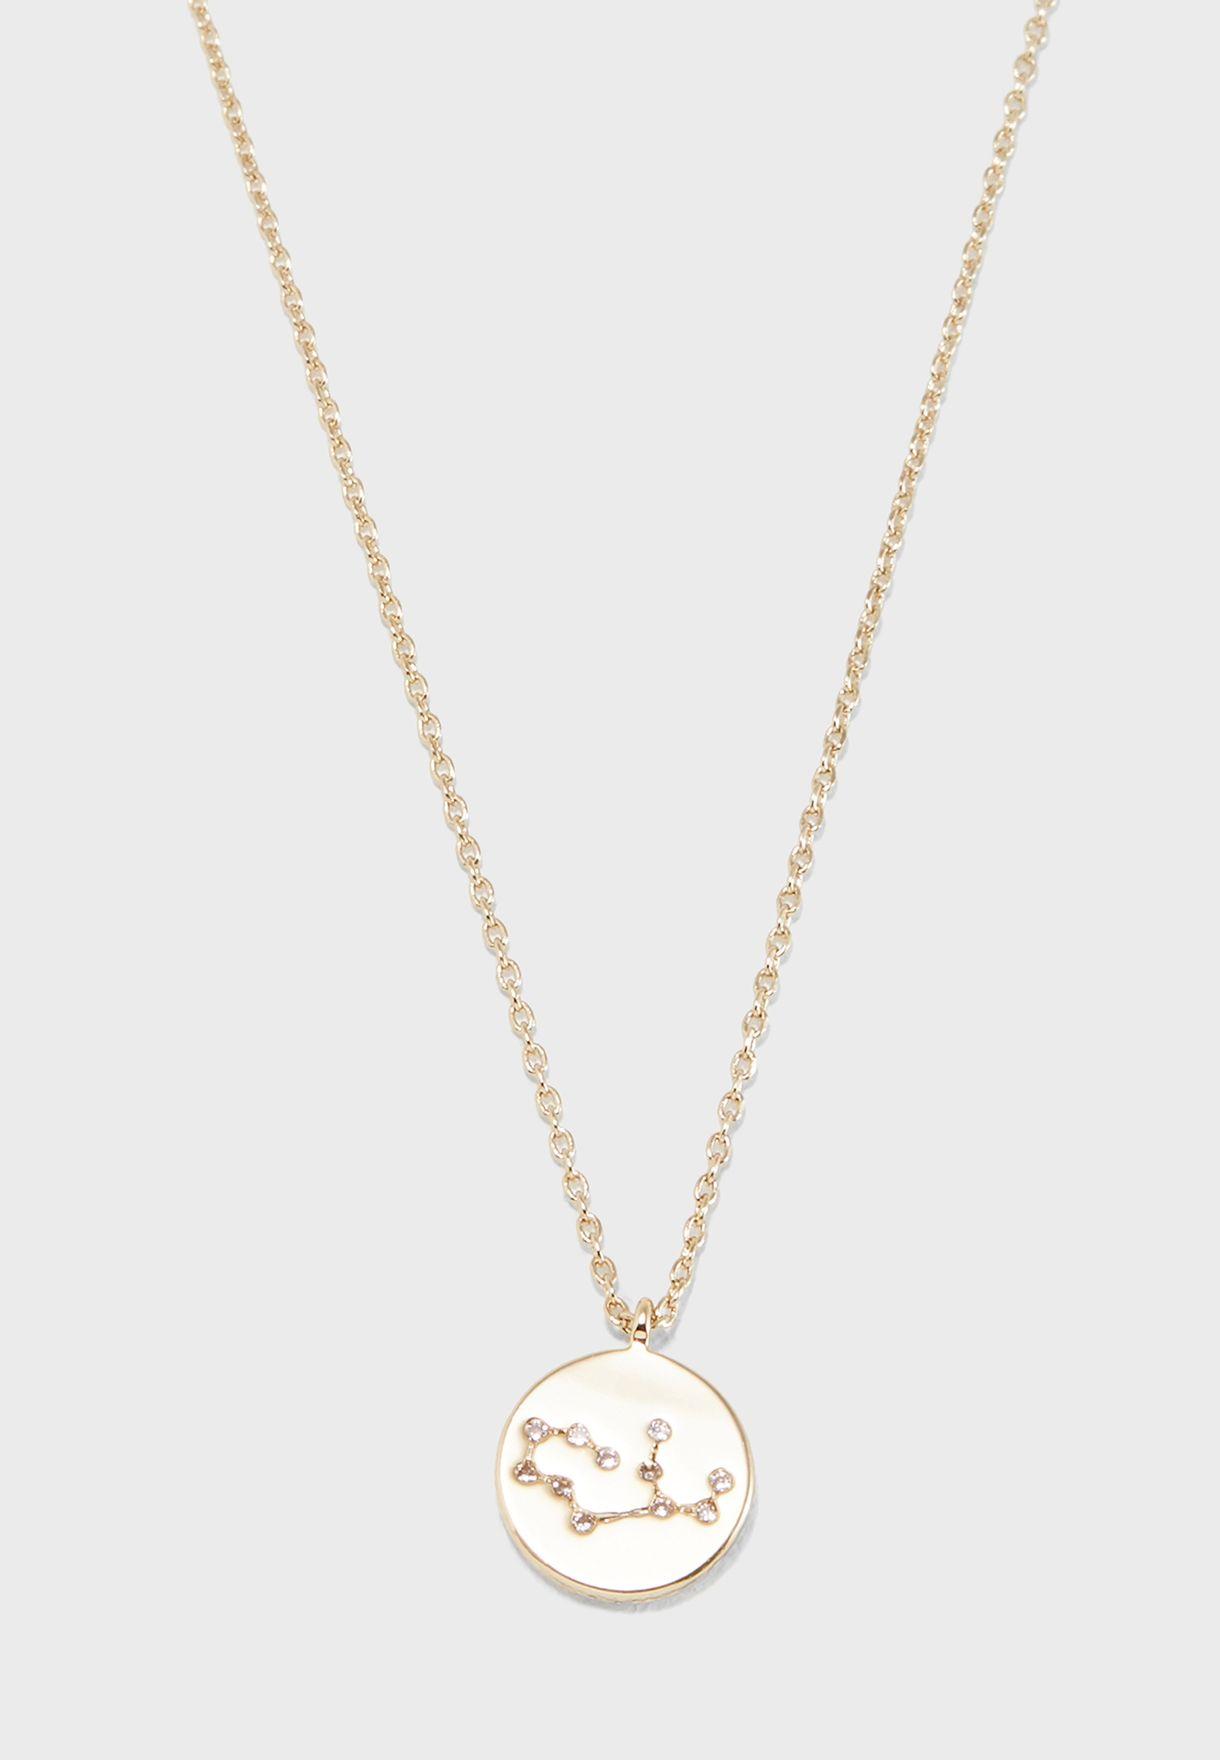 Gift Envelope Virgo Constellation Necklace